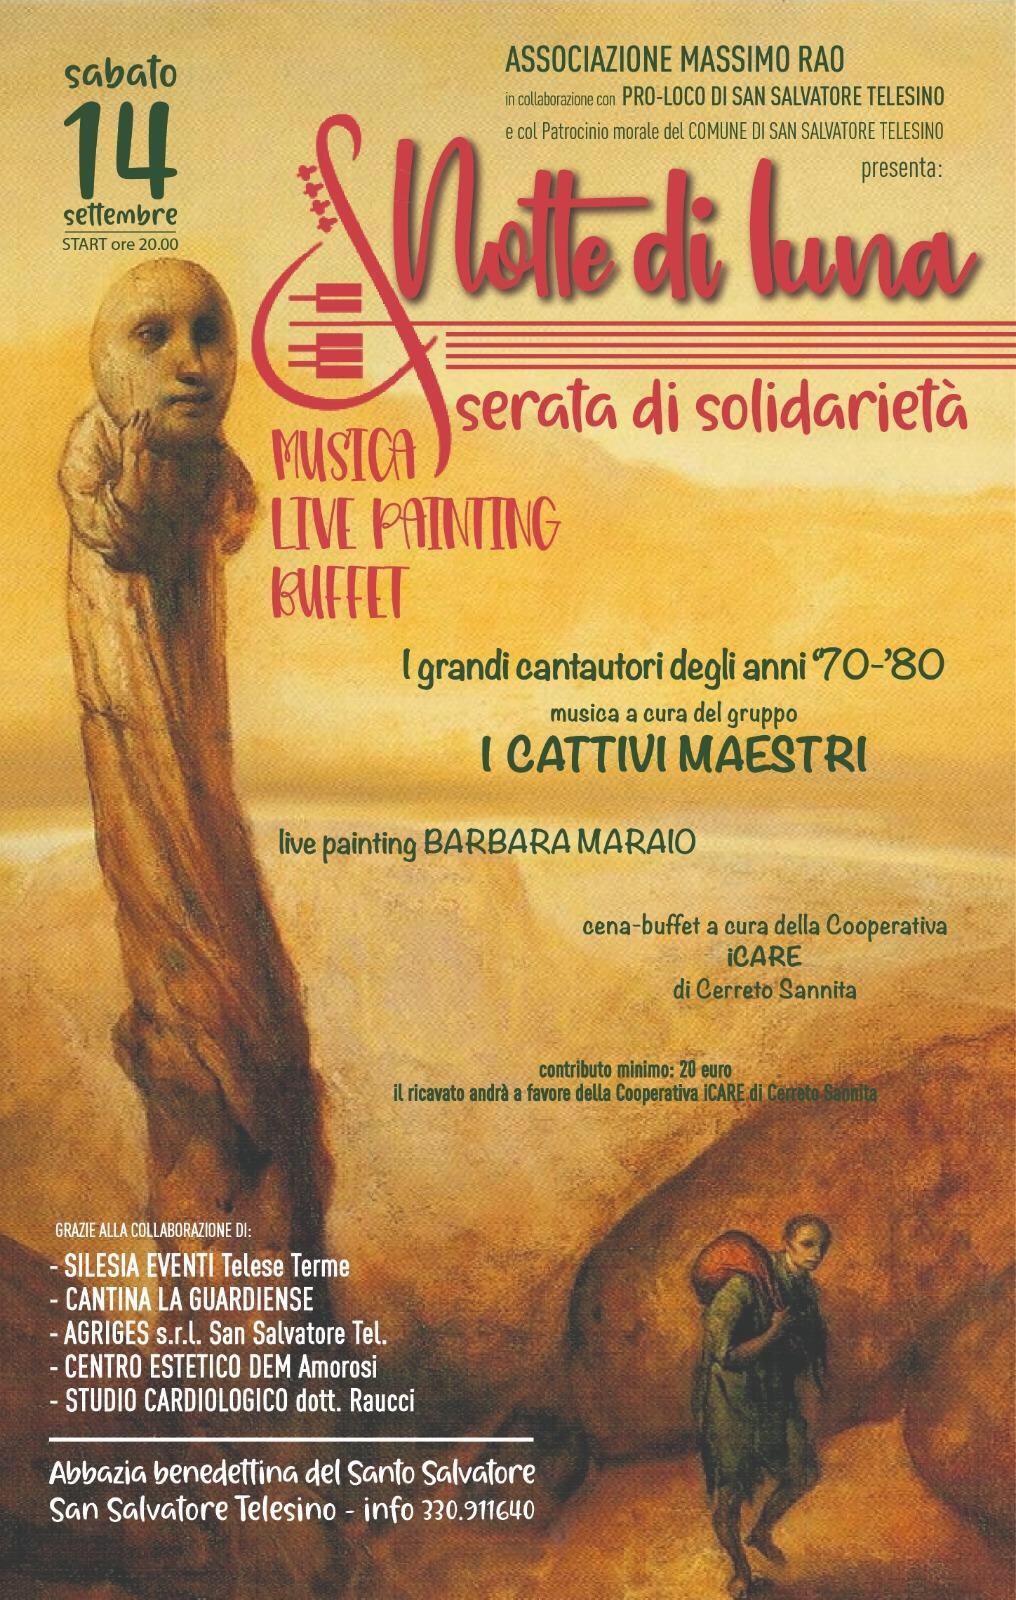 A San Salvatore Telesino, domani, 'Notte di luna' e di solidarietà